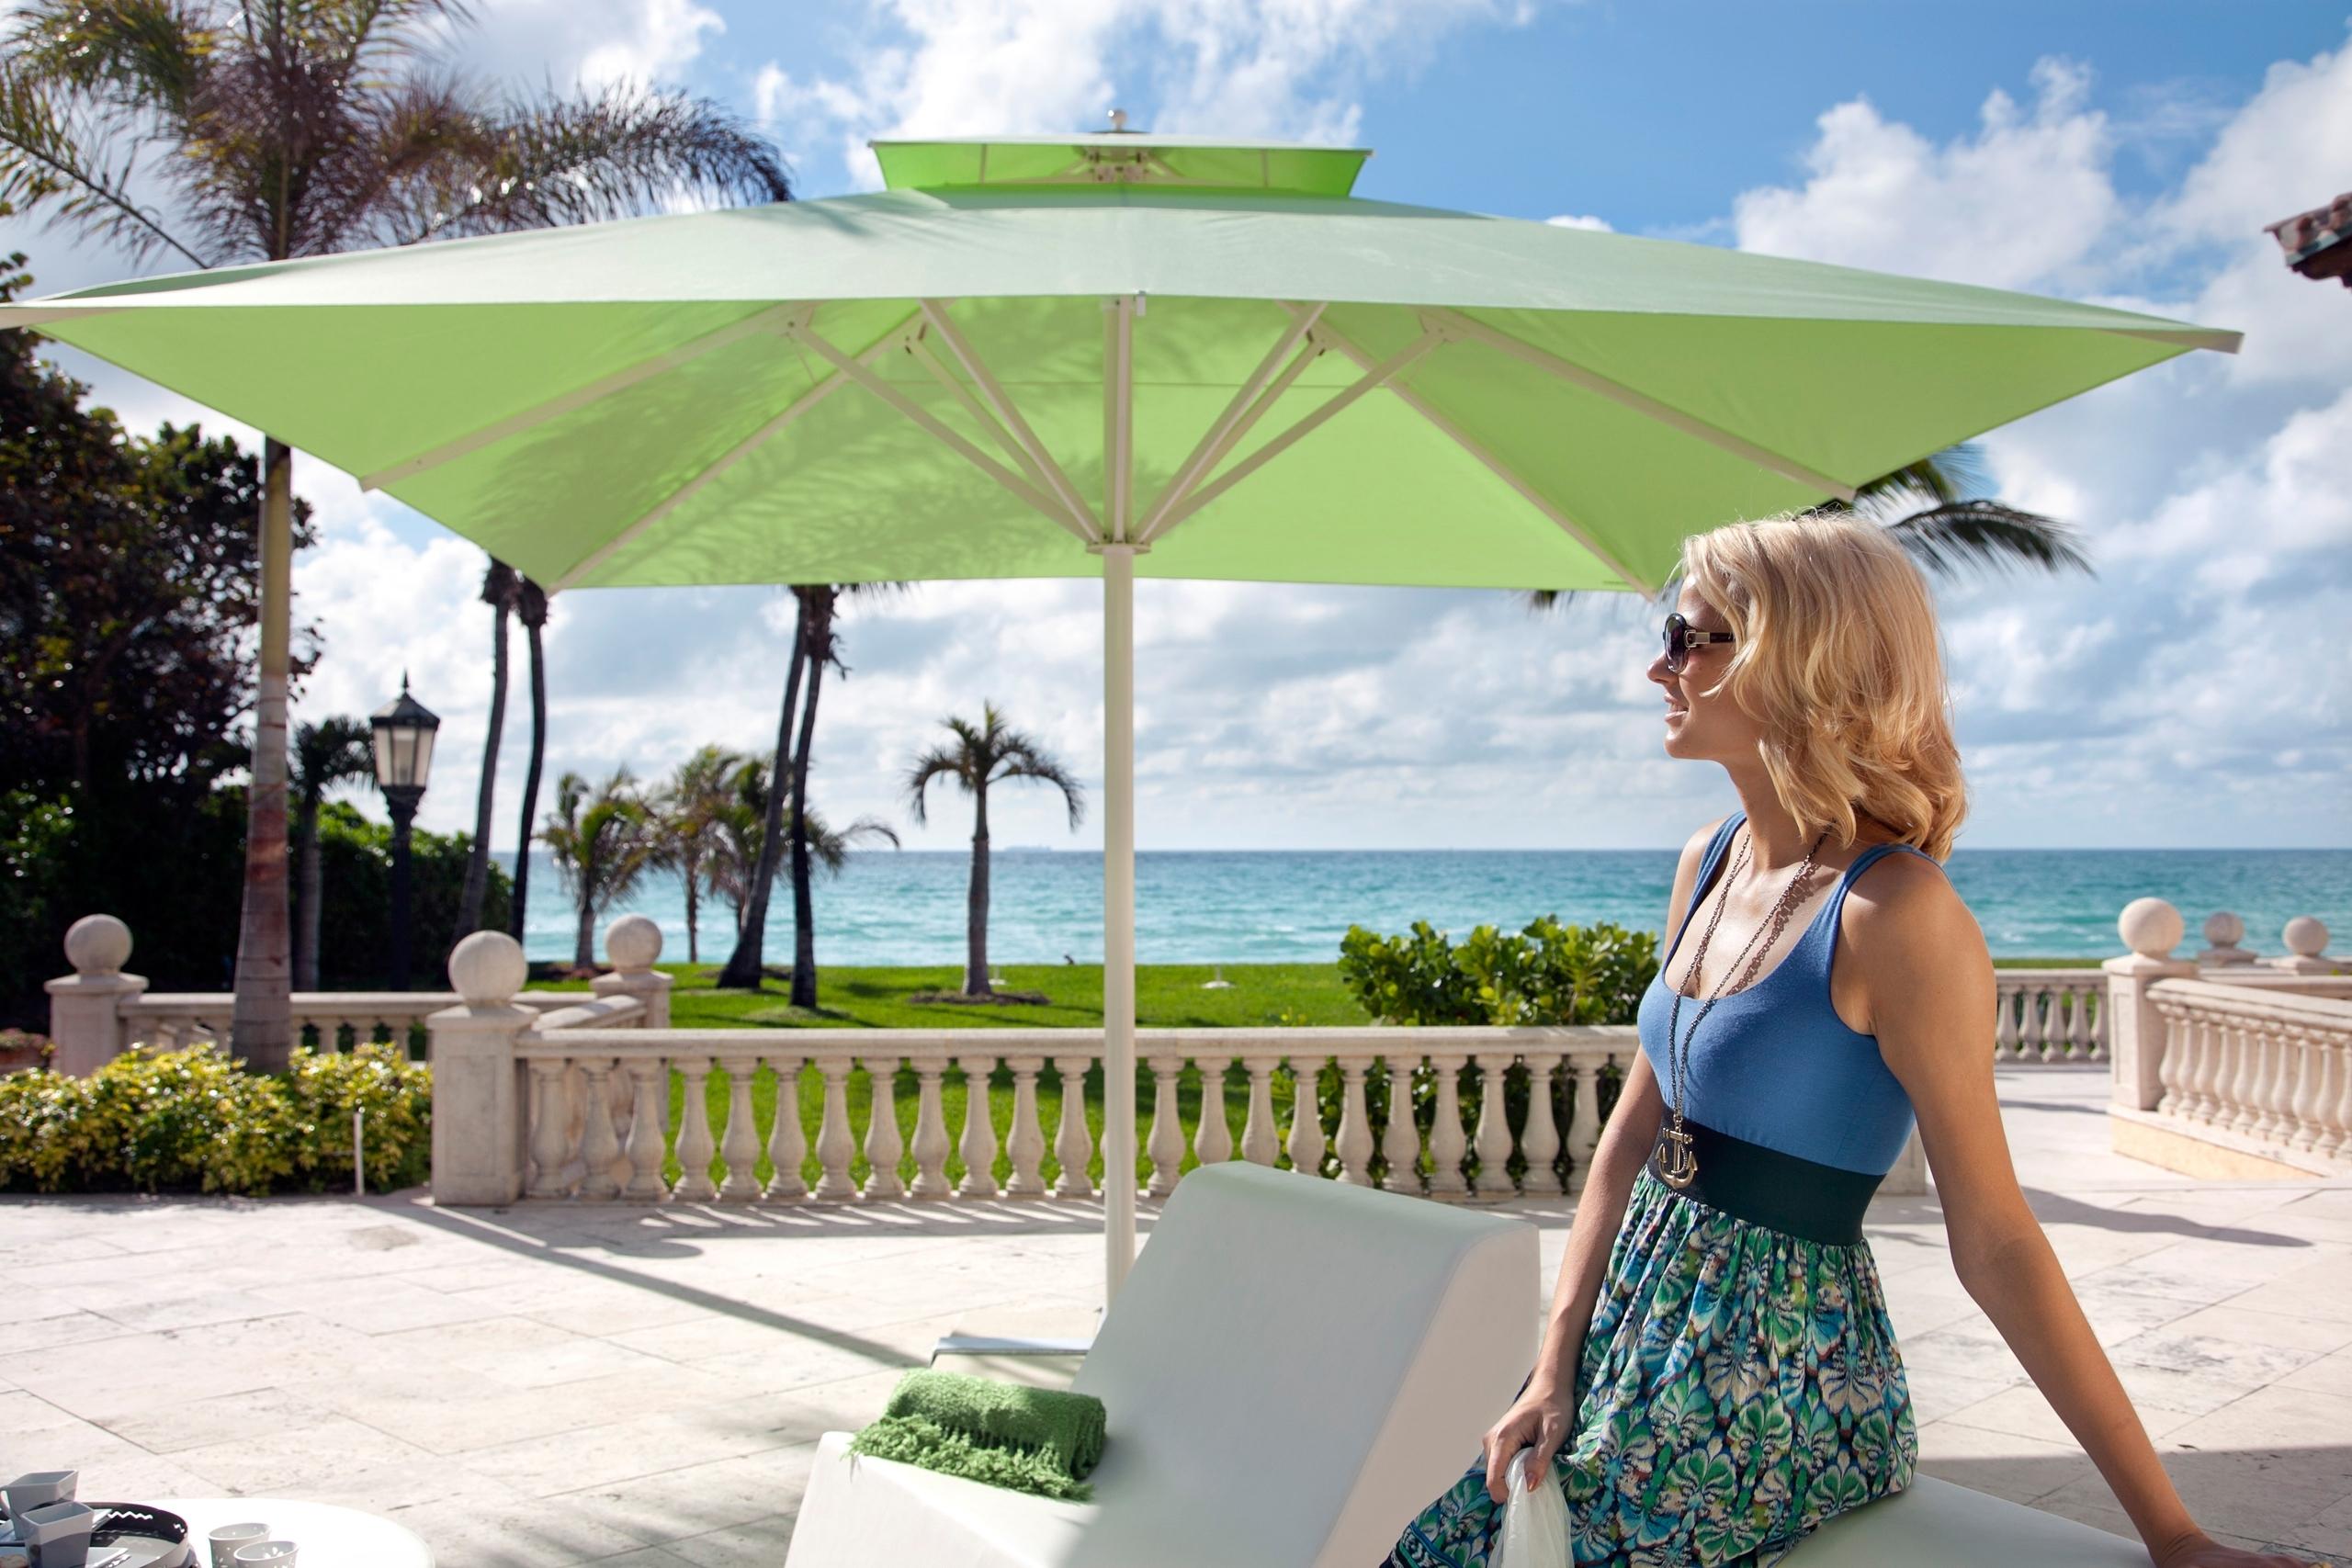 Jumbo Patio Umbrellas Regarding Recent Square Dimension For Giant Patio Umbrellas (View 4 of 20)